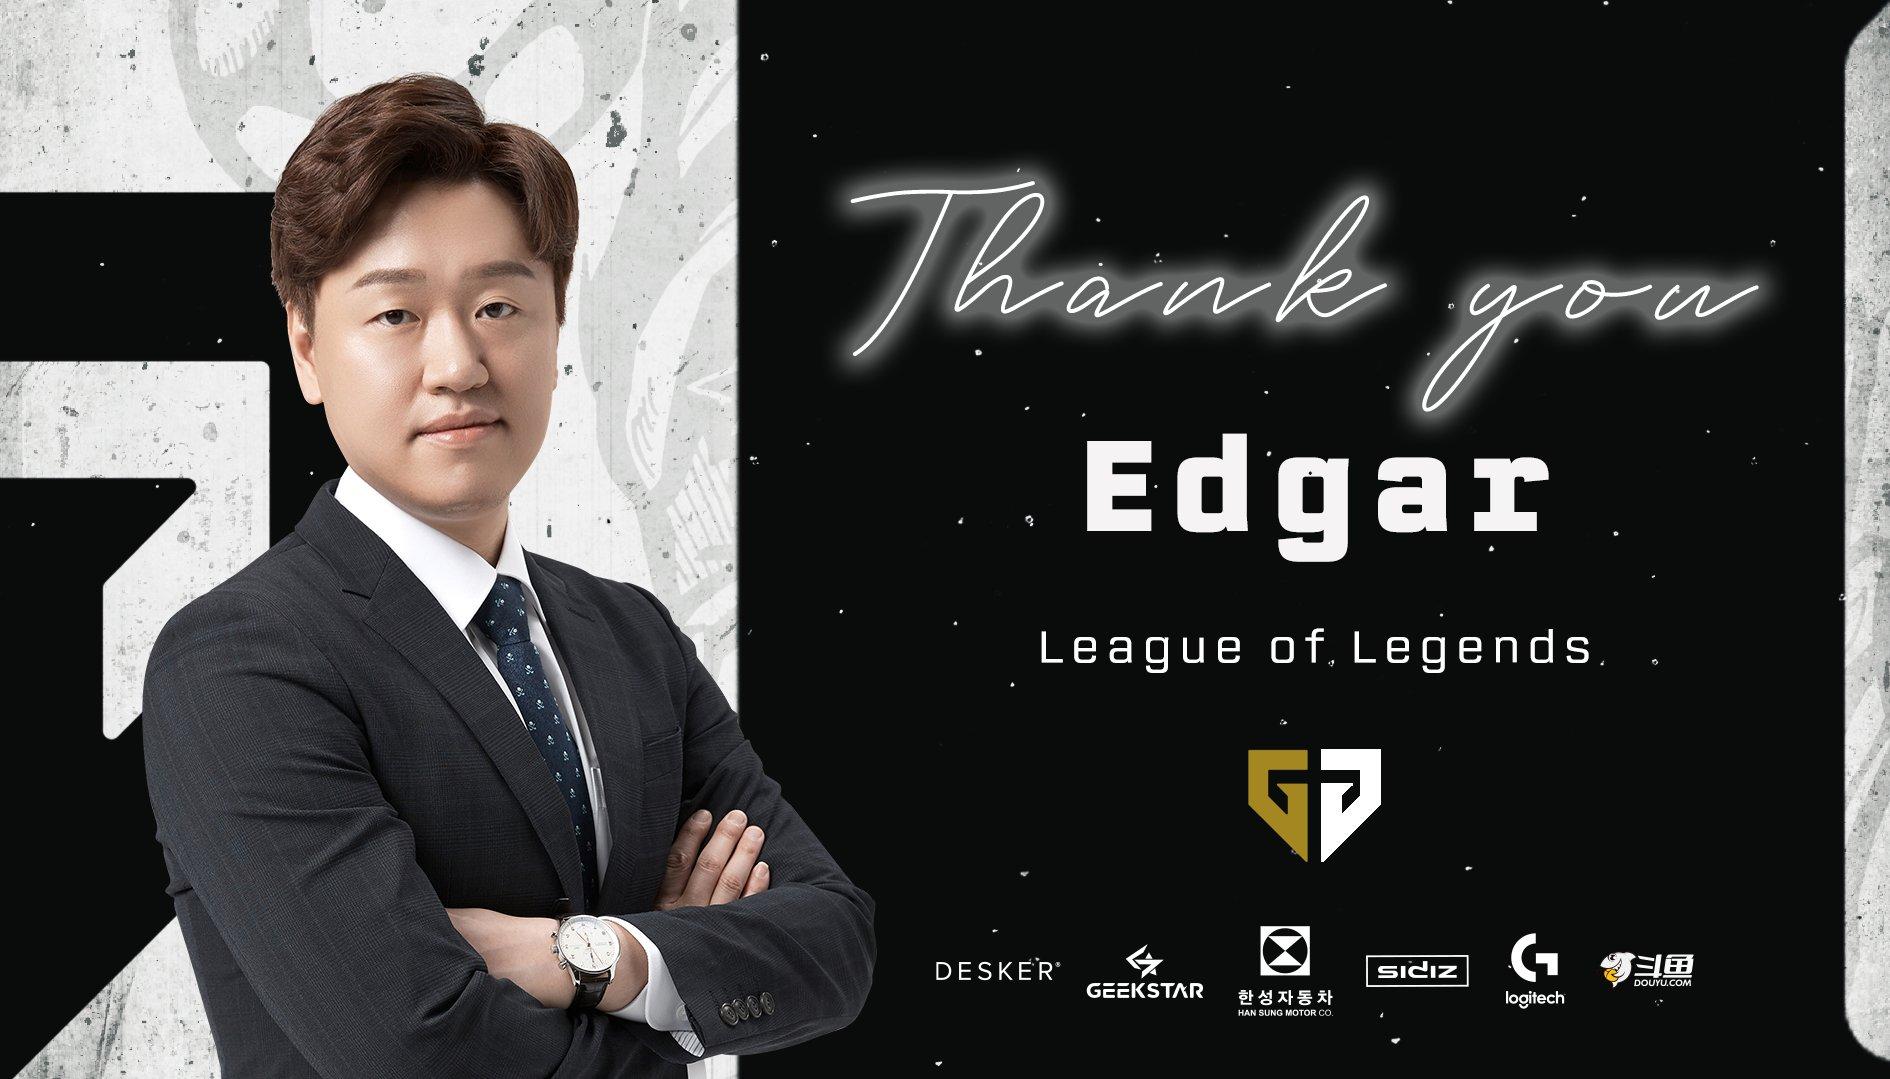 HLV Edgar, người thầy vĩ đại của GenG Esports chính thức chia tay đội tuyển